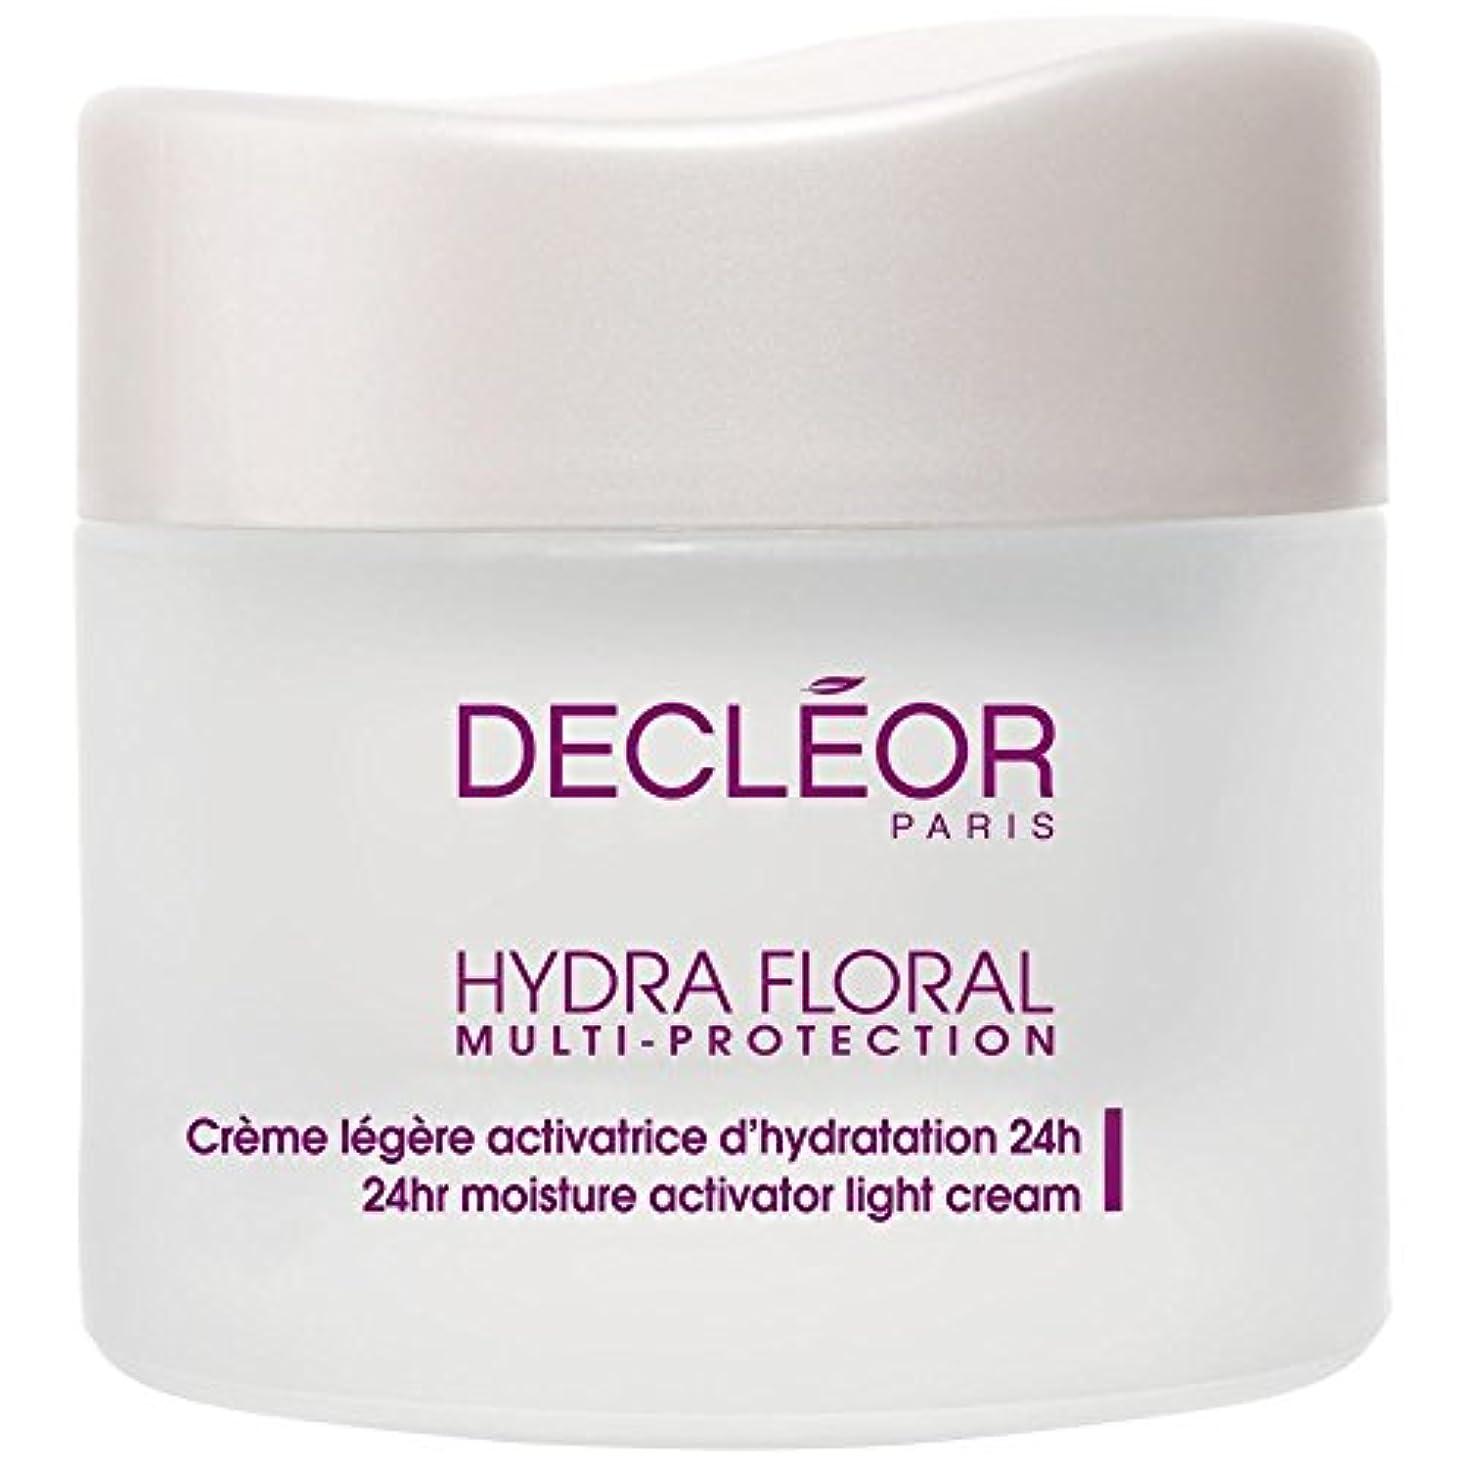 気を散らす入手します女王[Decl?or] デクレオールヒドラ花のマルチプロテクションベーターライトクリーム、50ミリリットル - Decl?or Hydra Floral Multi Protection Activator Light Cream...